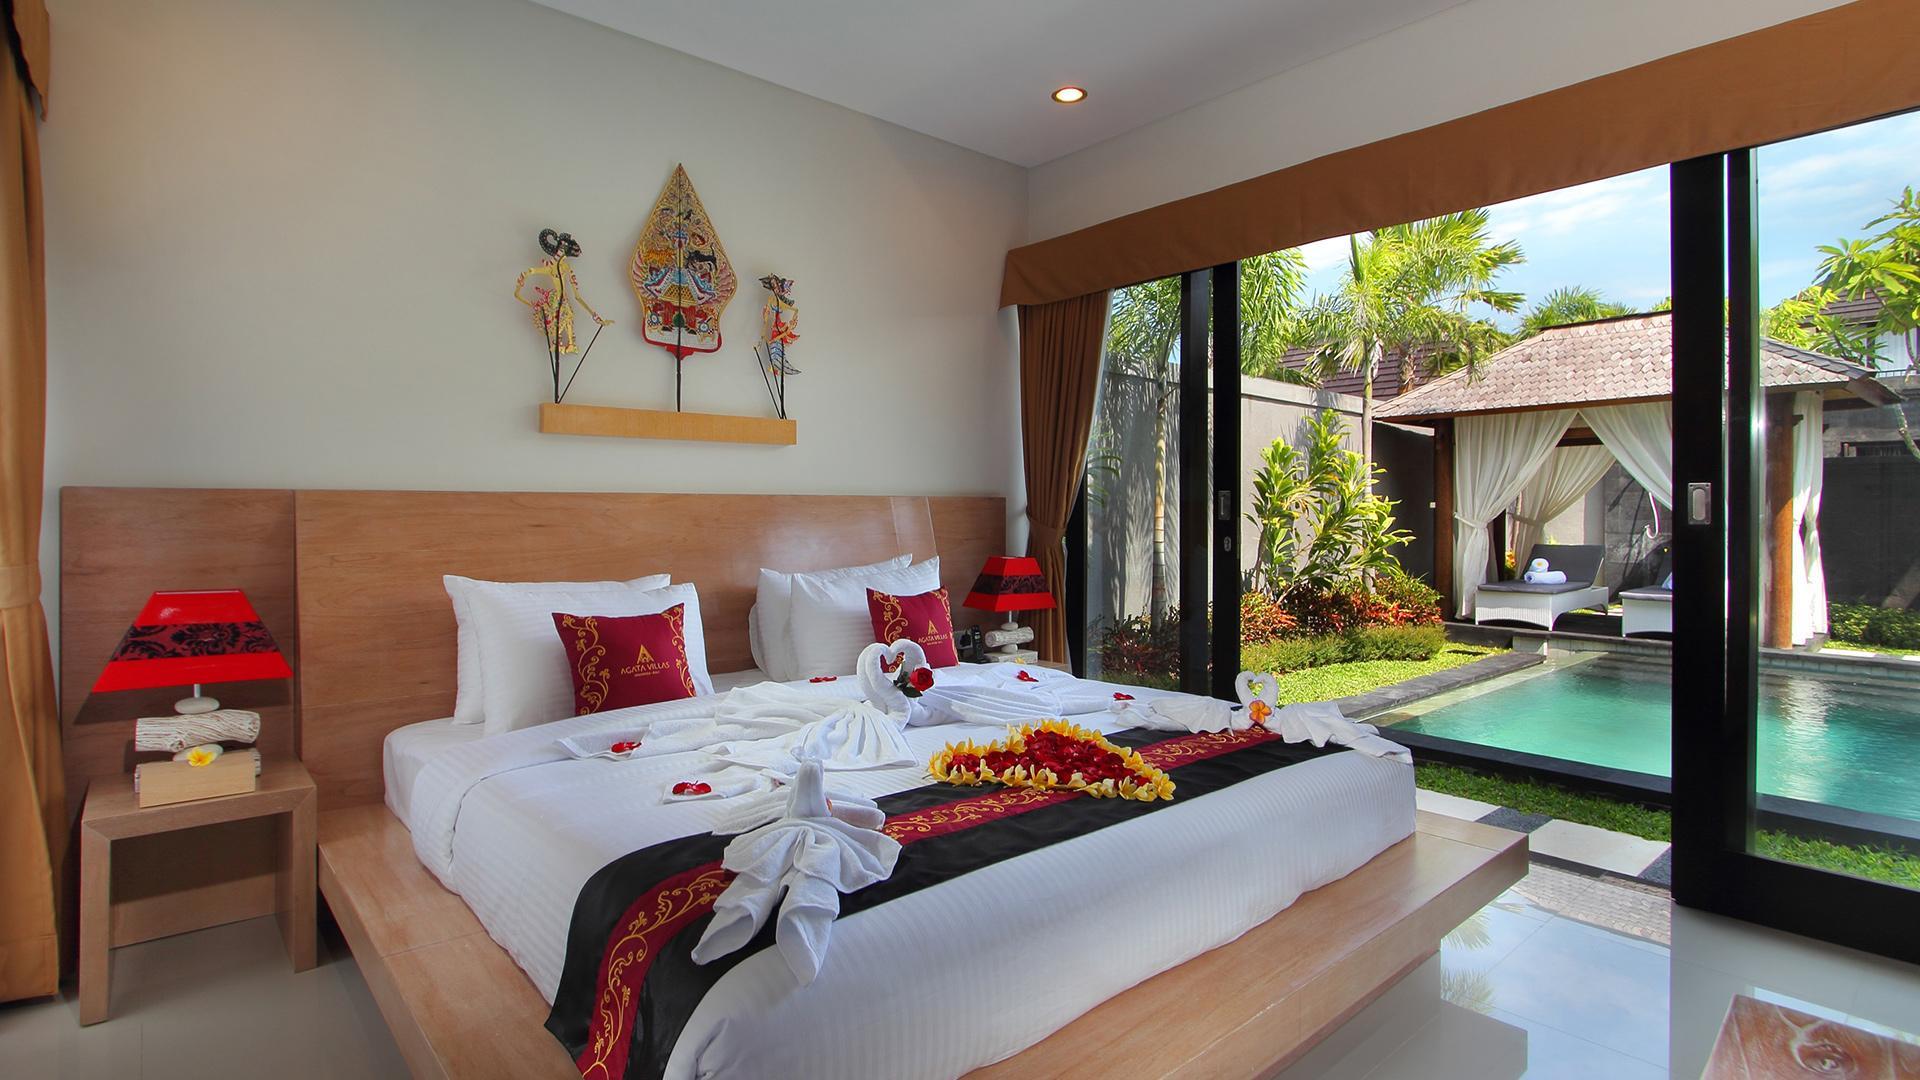 Two Bedroom Pool Villa image 1 at Agata Villas Seminyak by Kabupaten Badung, Bali, Indonesia